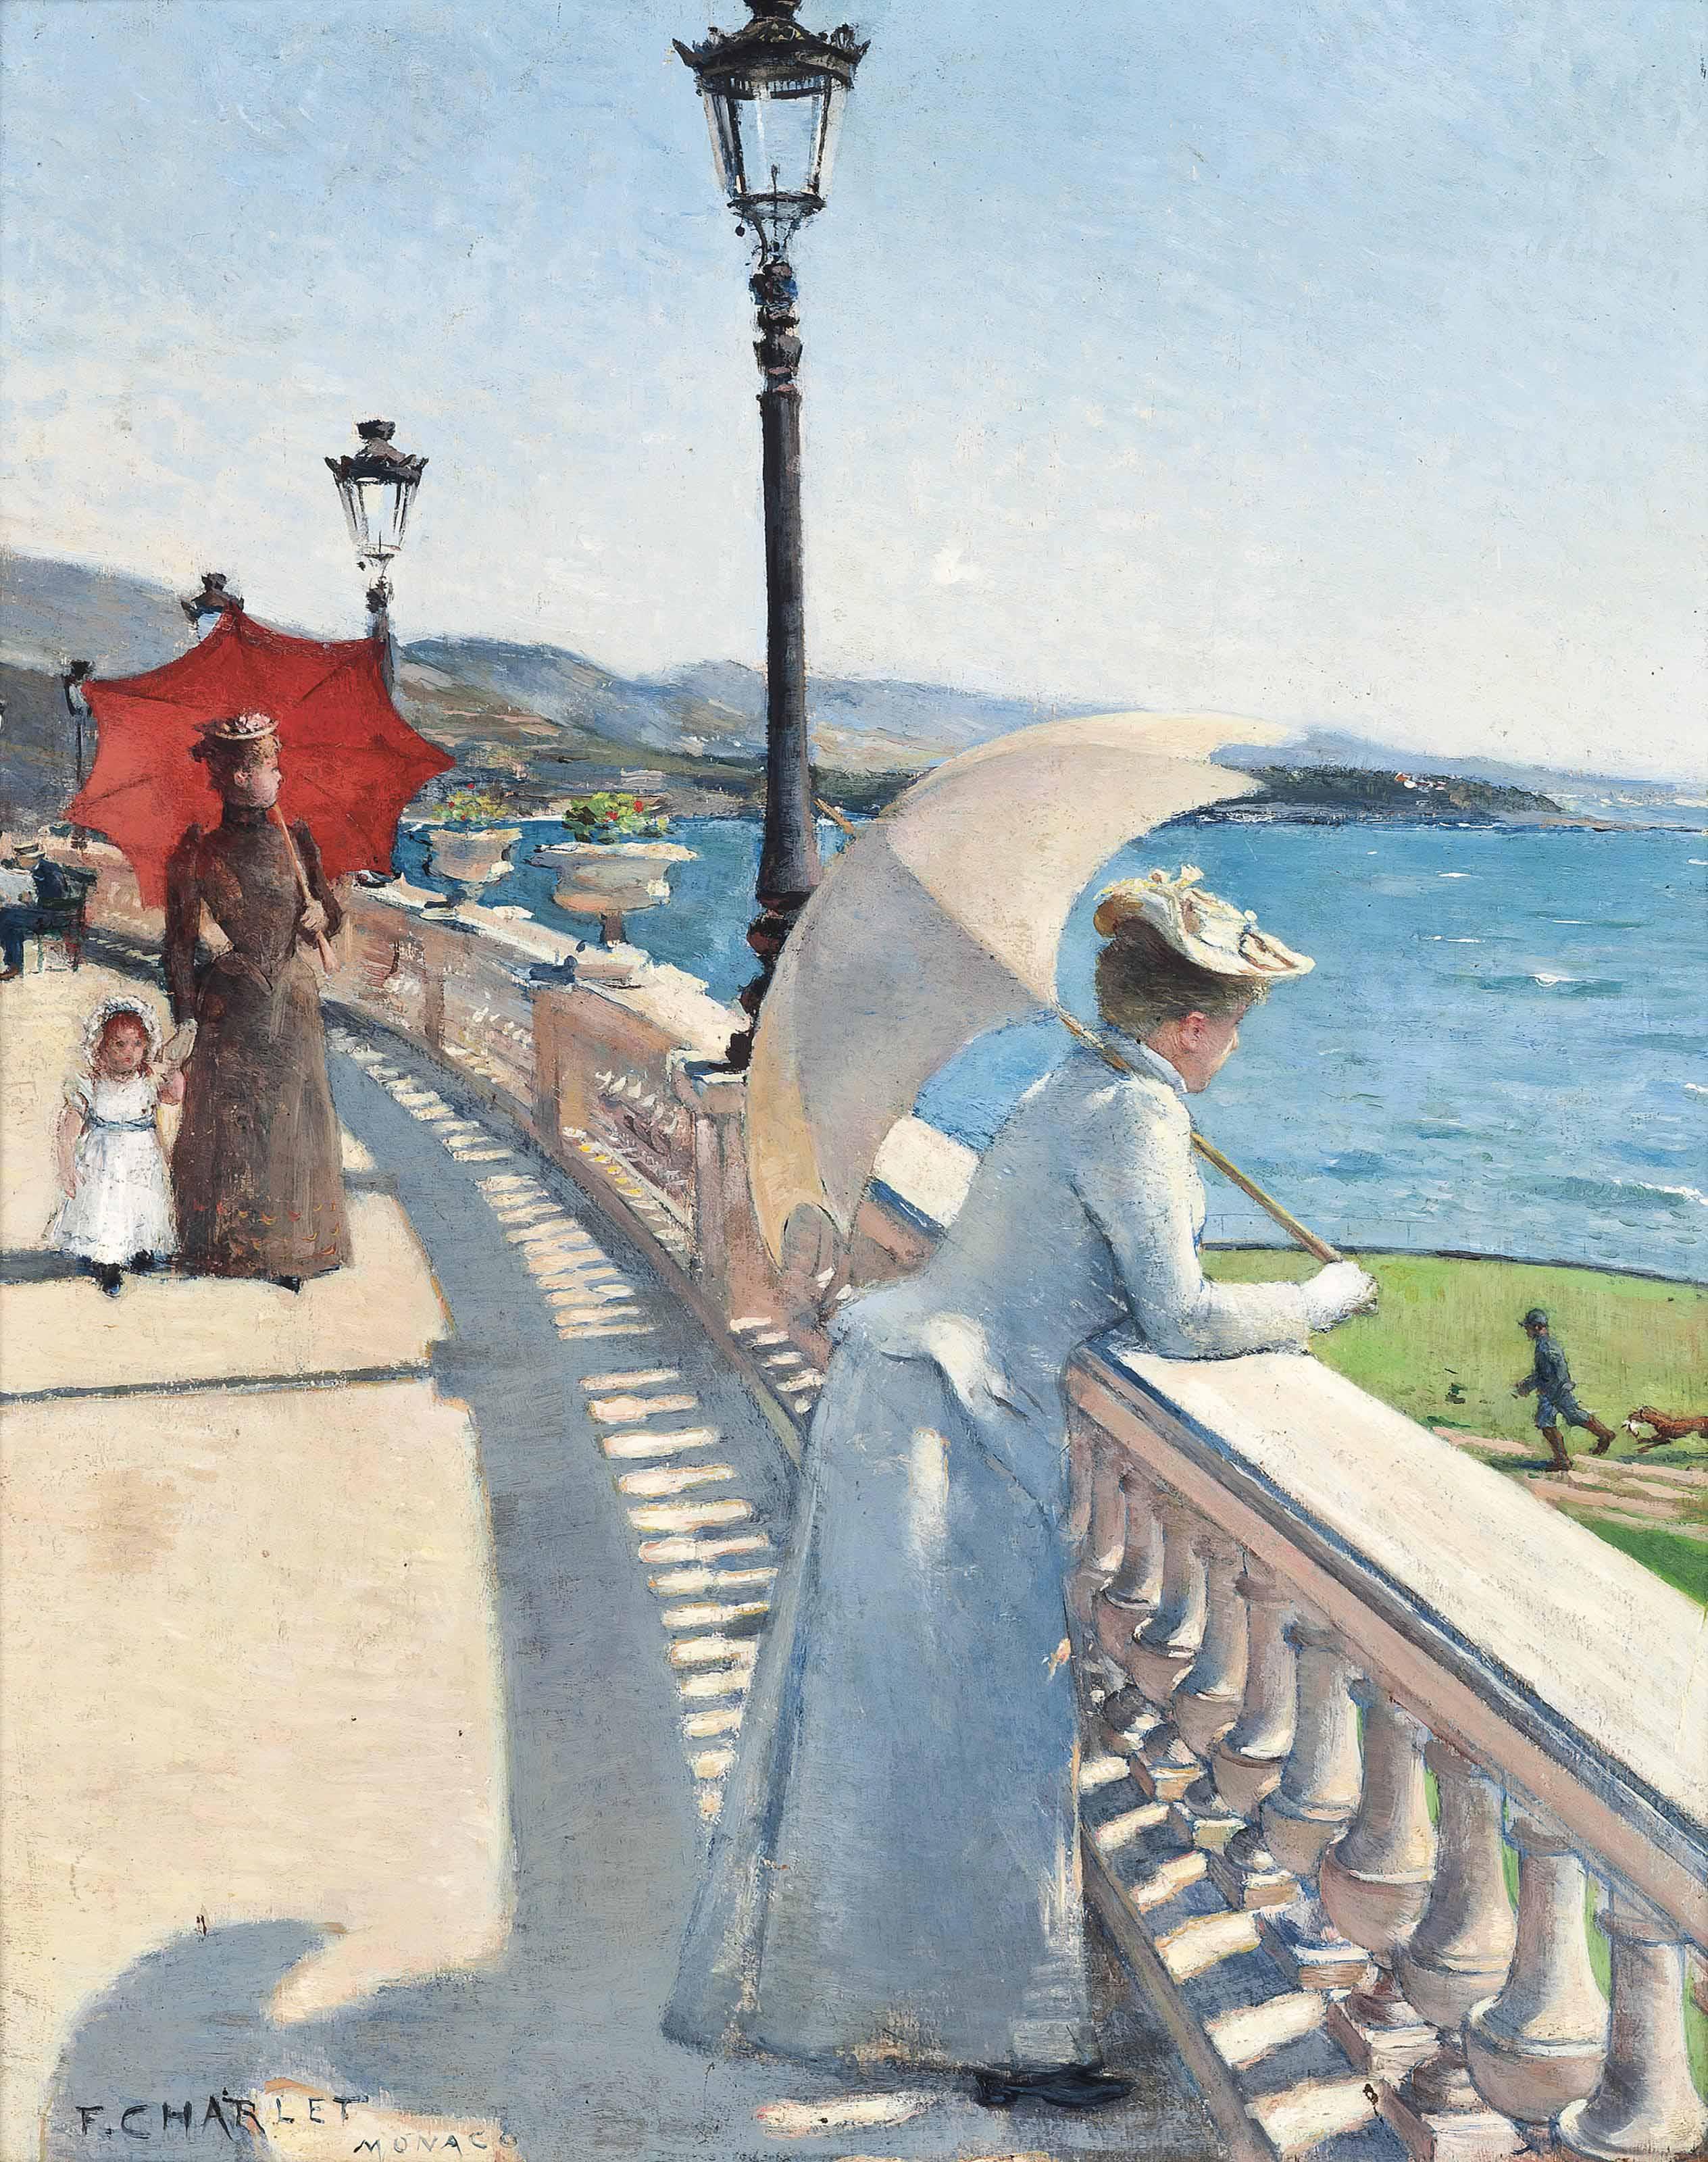 A promenade in Monaco